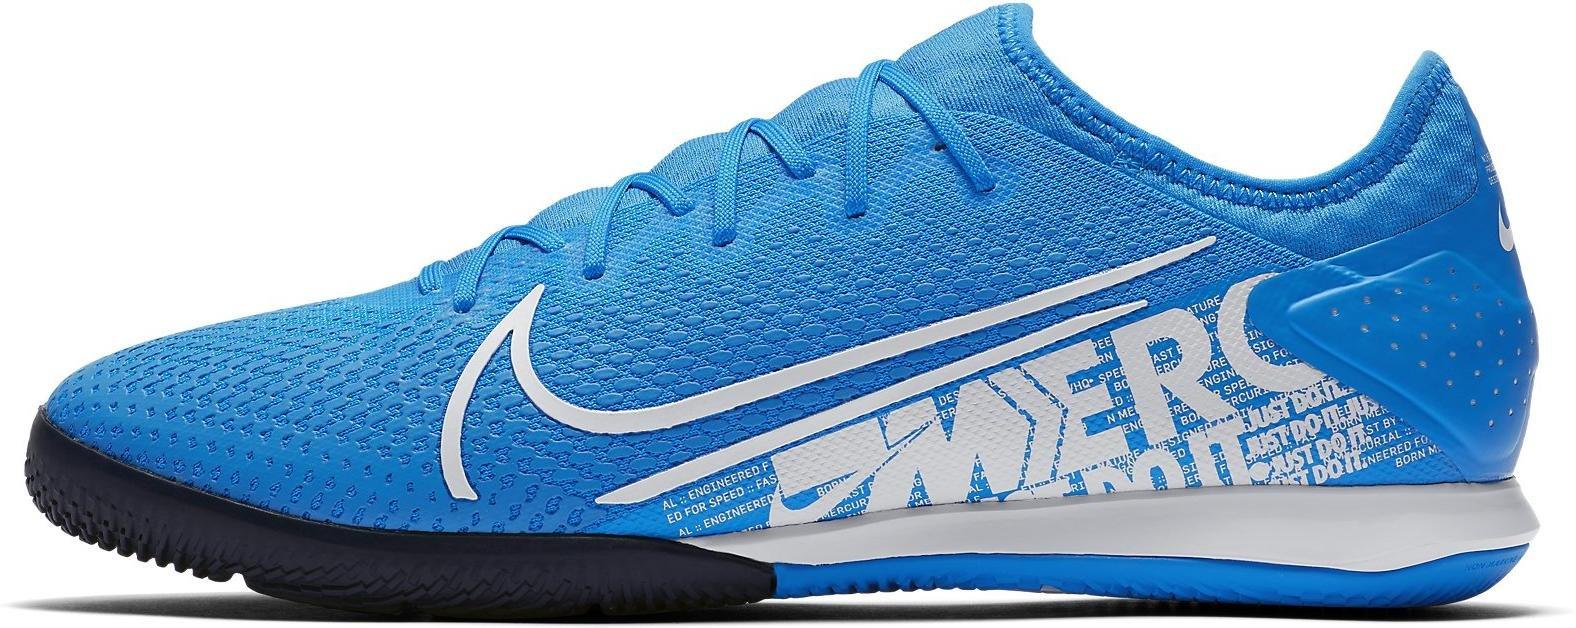 Sálovky Nike VAPOR 13 PRO IC modrá